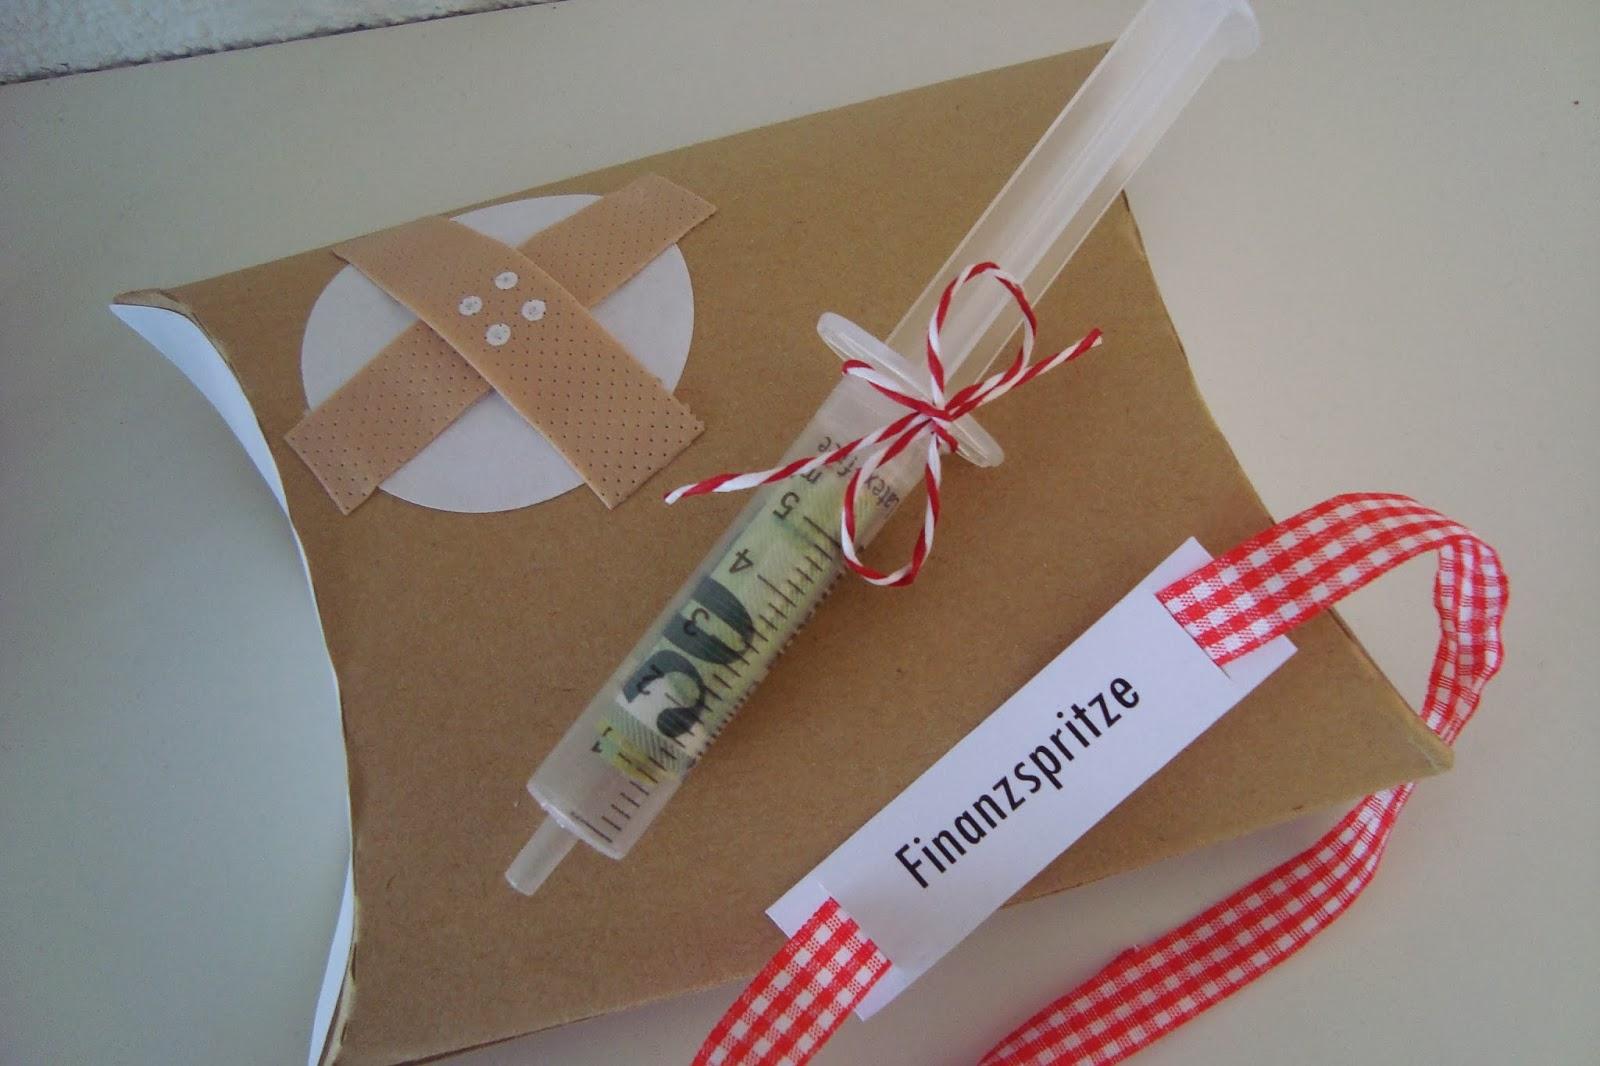 Buch Originell Verpacken Diy Muttertagsgeschenk Individuelle Kekse